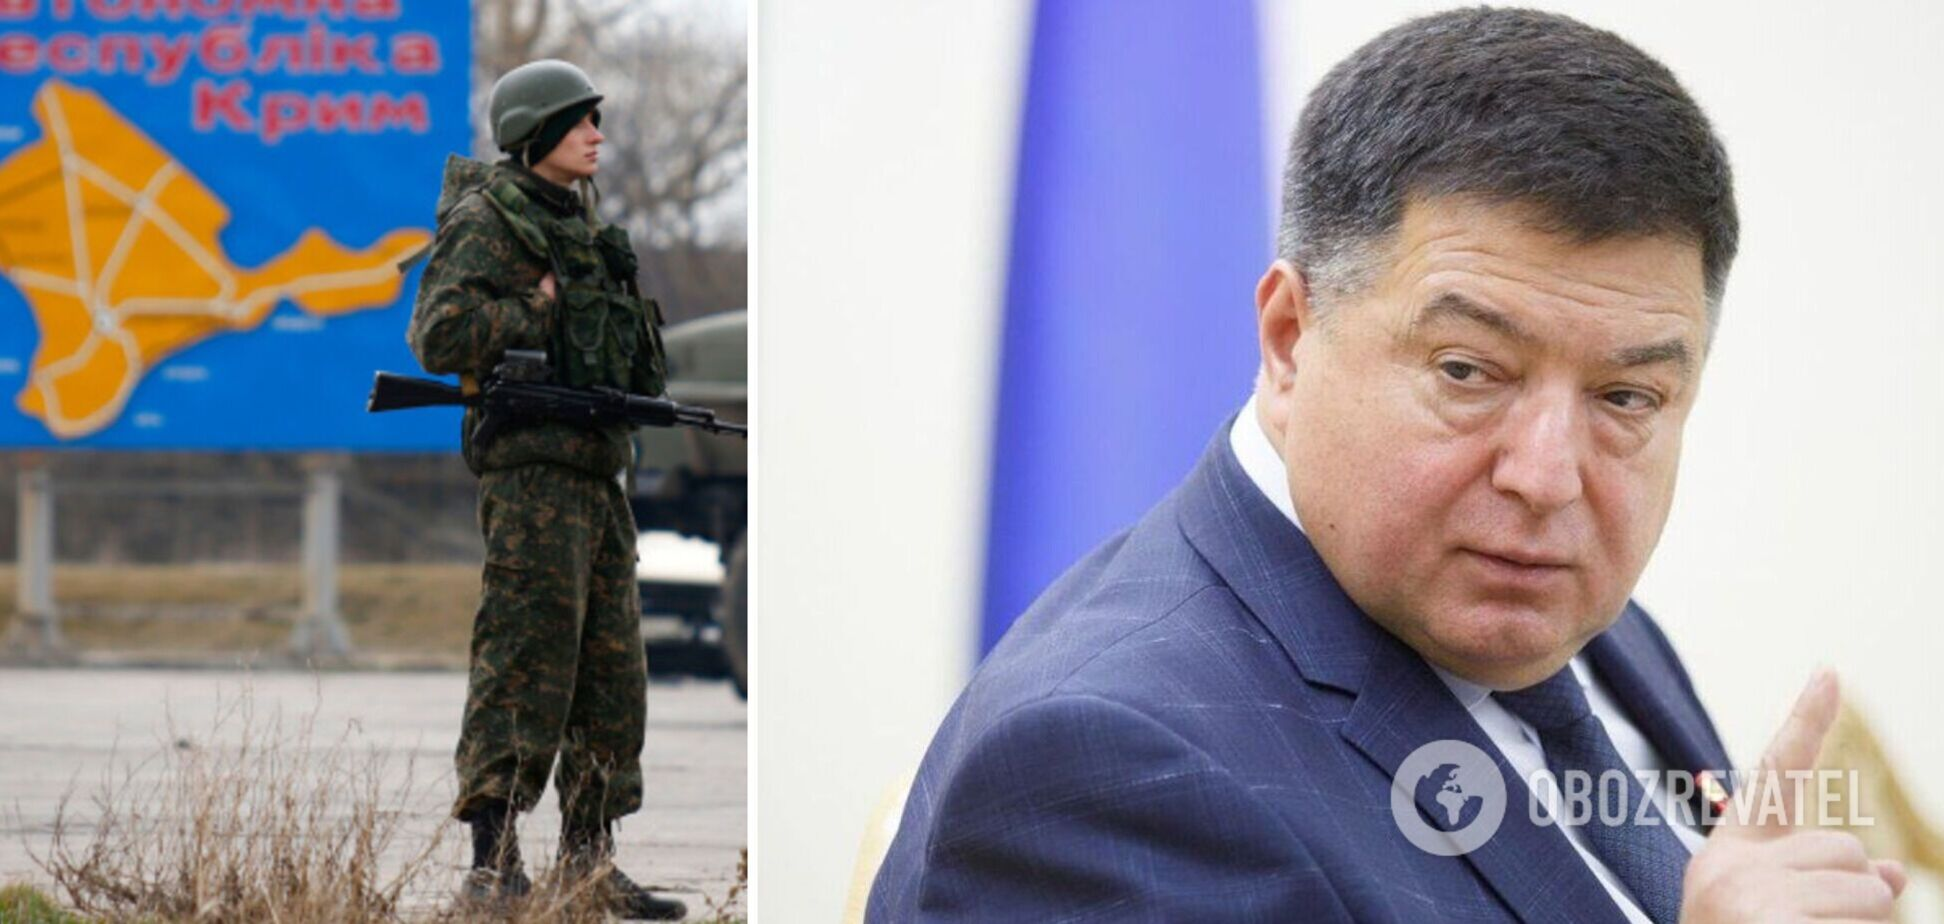 Тупицкий трижды посещал Крым после оккупации – расследование